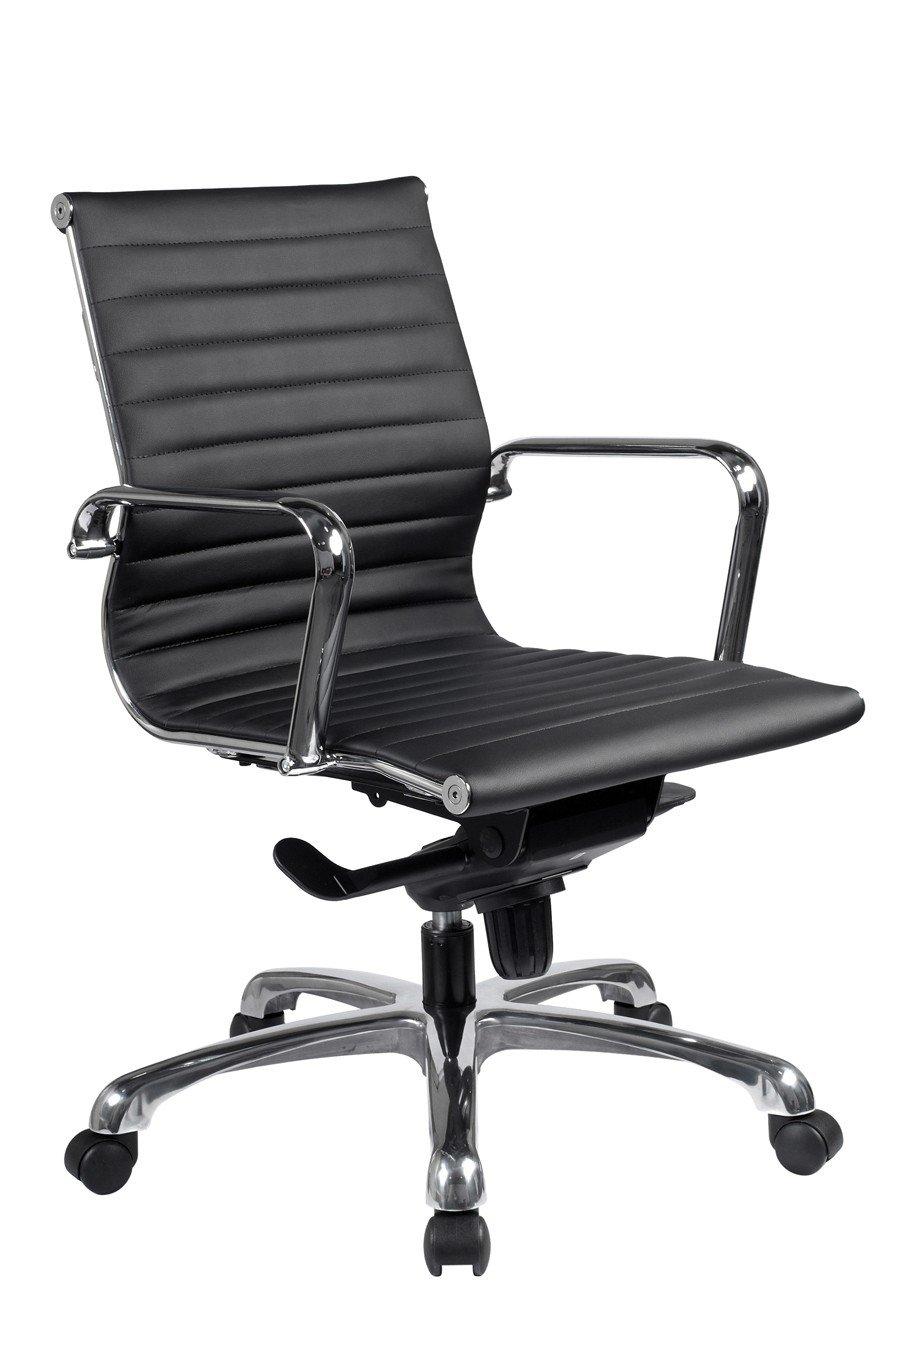 Nova Midback Executive Office Chair